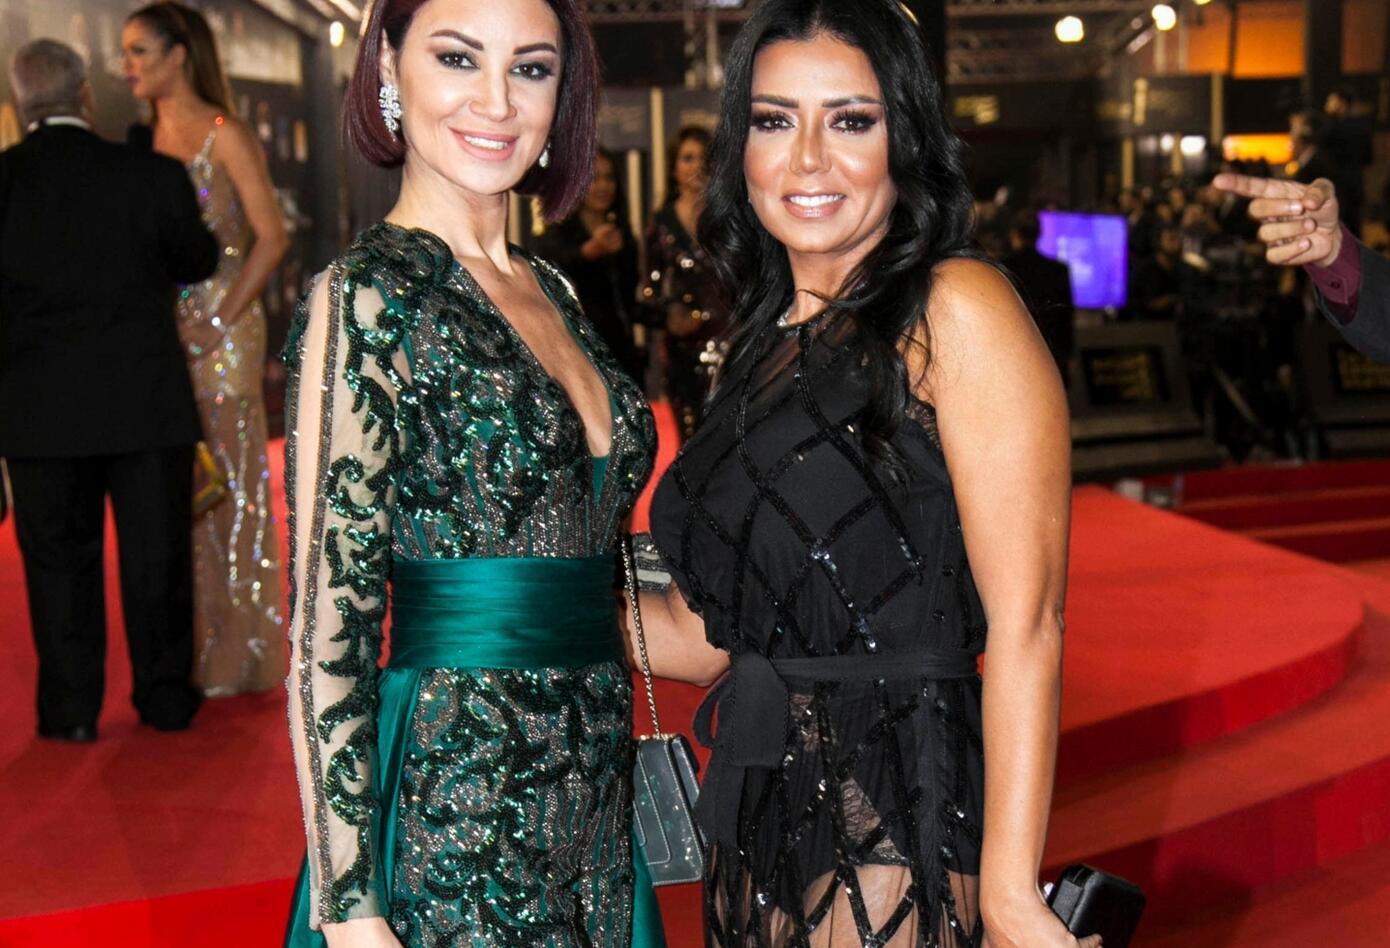 Rania Youssef llevó un vestido en parte transparente en la ceremonia de cierre del festival internacional de cine de El Cairo.